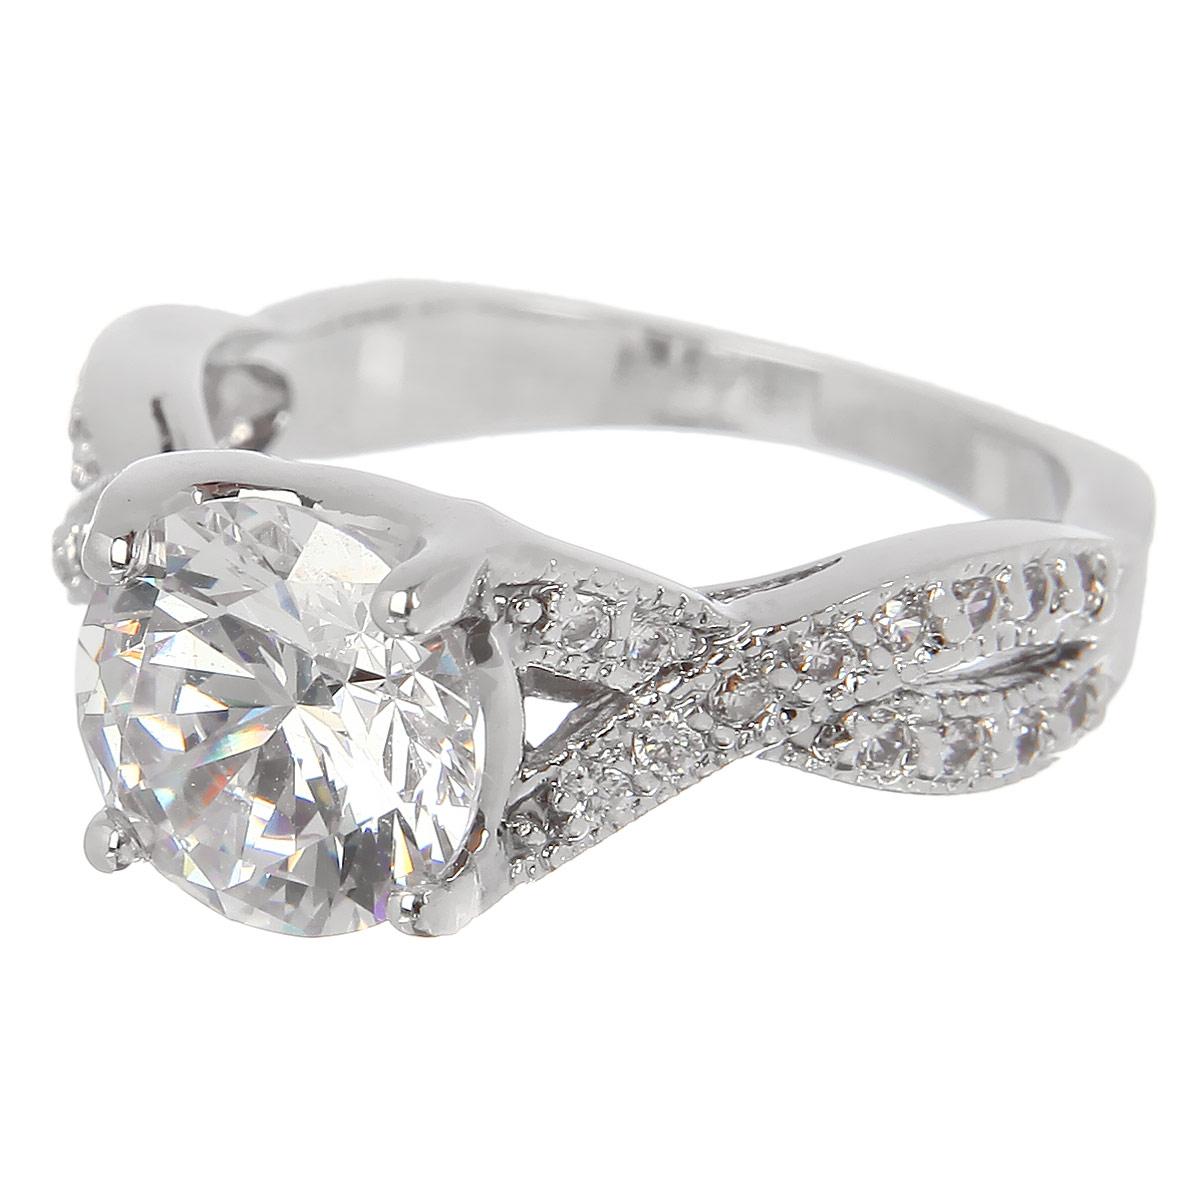 Кольцо Taya, цвет: серебристый. T-B-4777T-B-4777-RING-RHODIUMВеликолепное кольцо Taya выполнено из гипоаллергенного сплава на основе латуни с родиевым покрытием. Изделие дополнено стразами и камнем. Такое кольцо станет украшением любого наряда. Кольцо подчеркнет вашу яркую индивидуальность и поможет создать неповторимый образ.